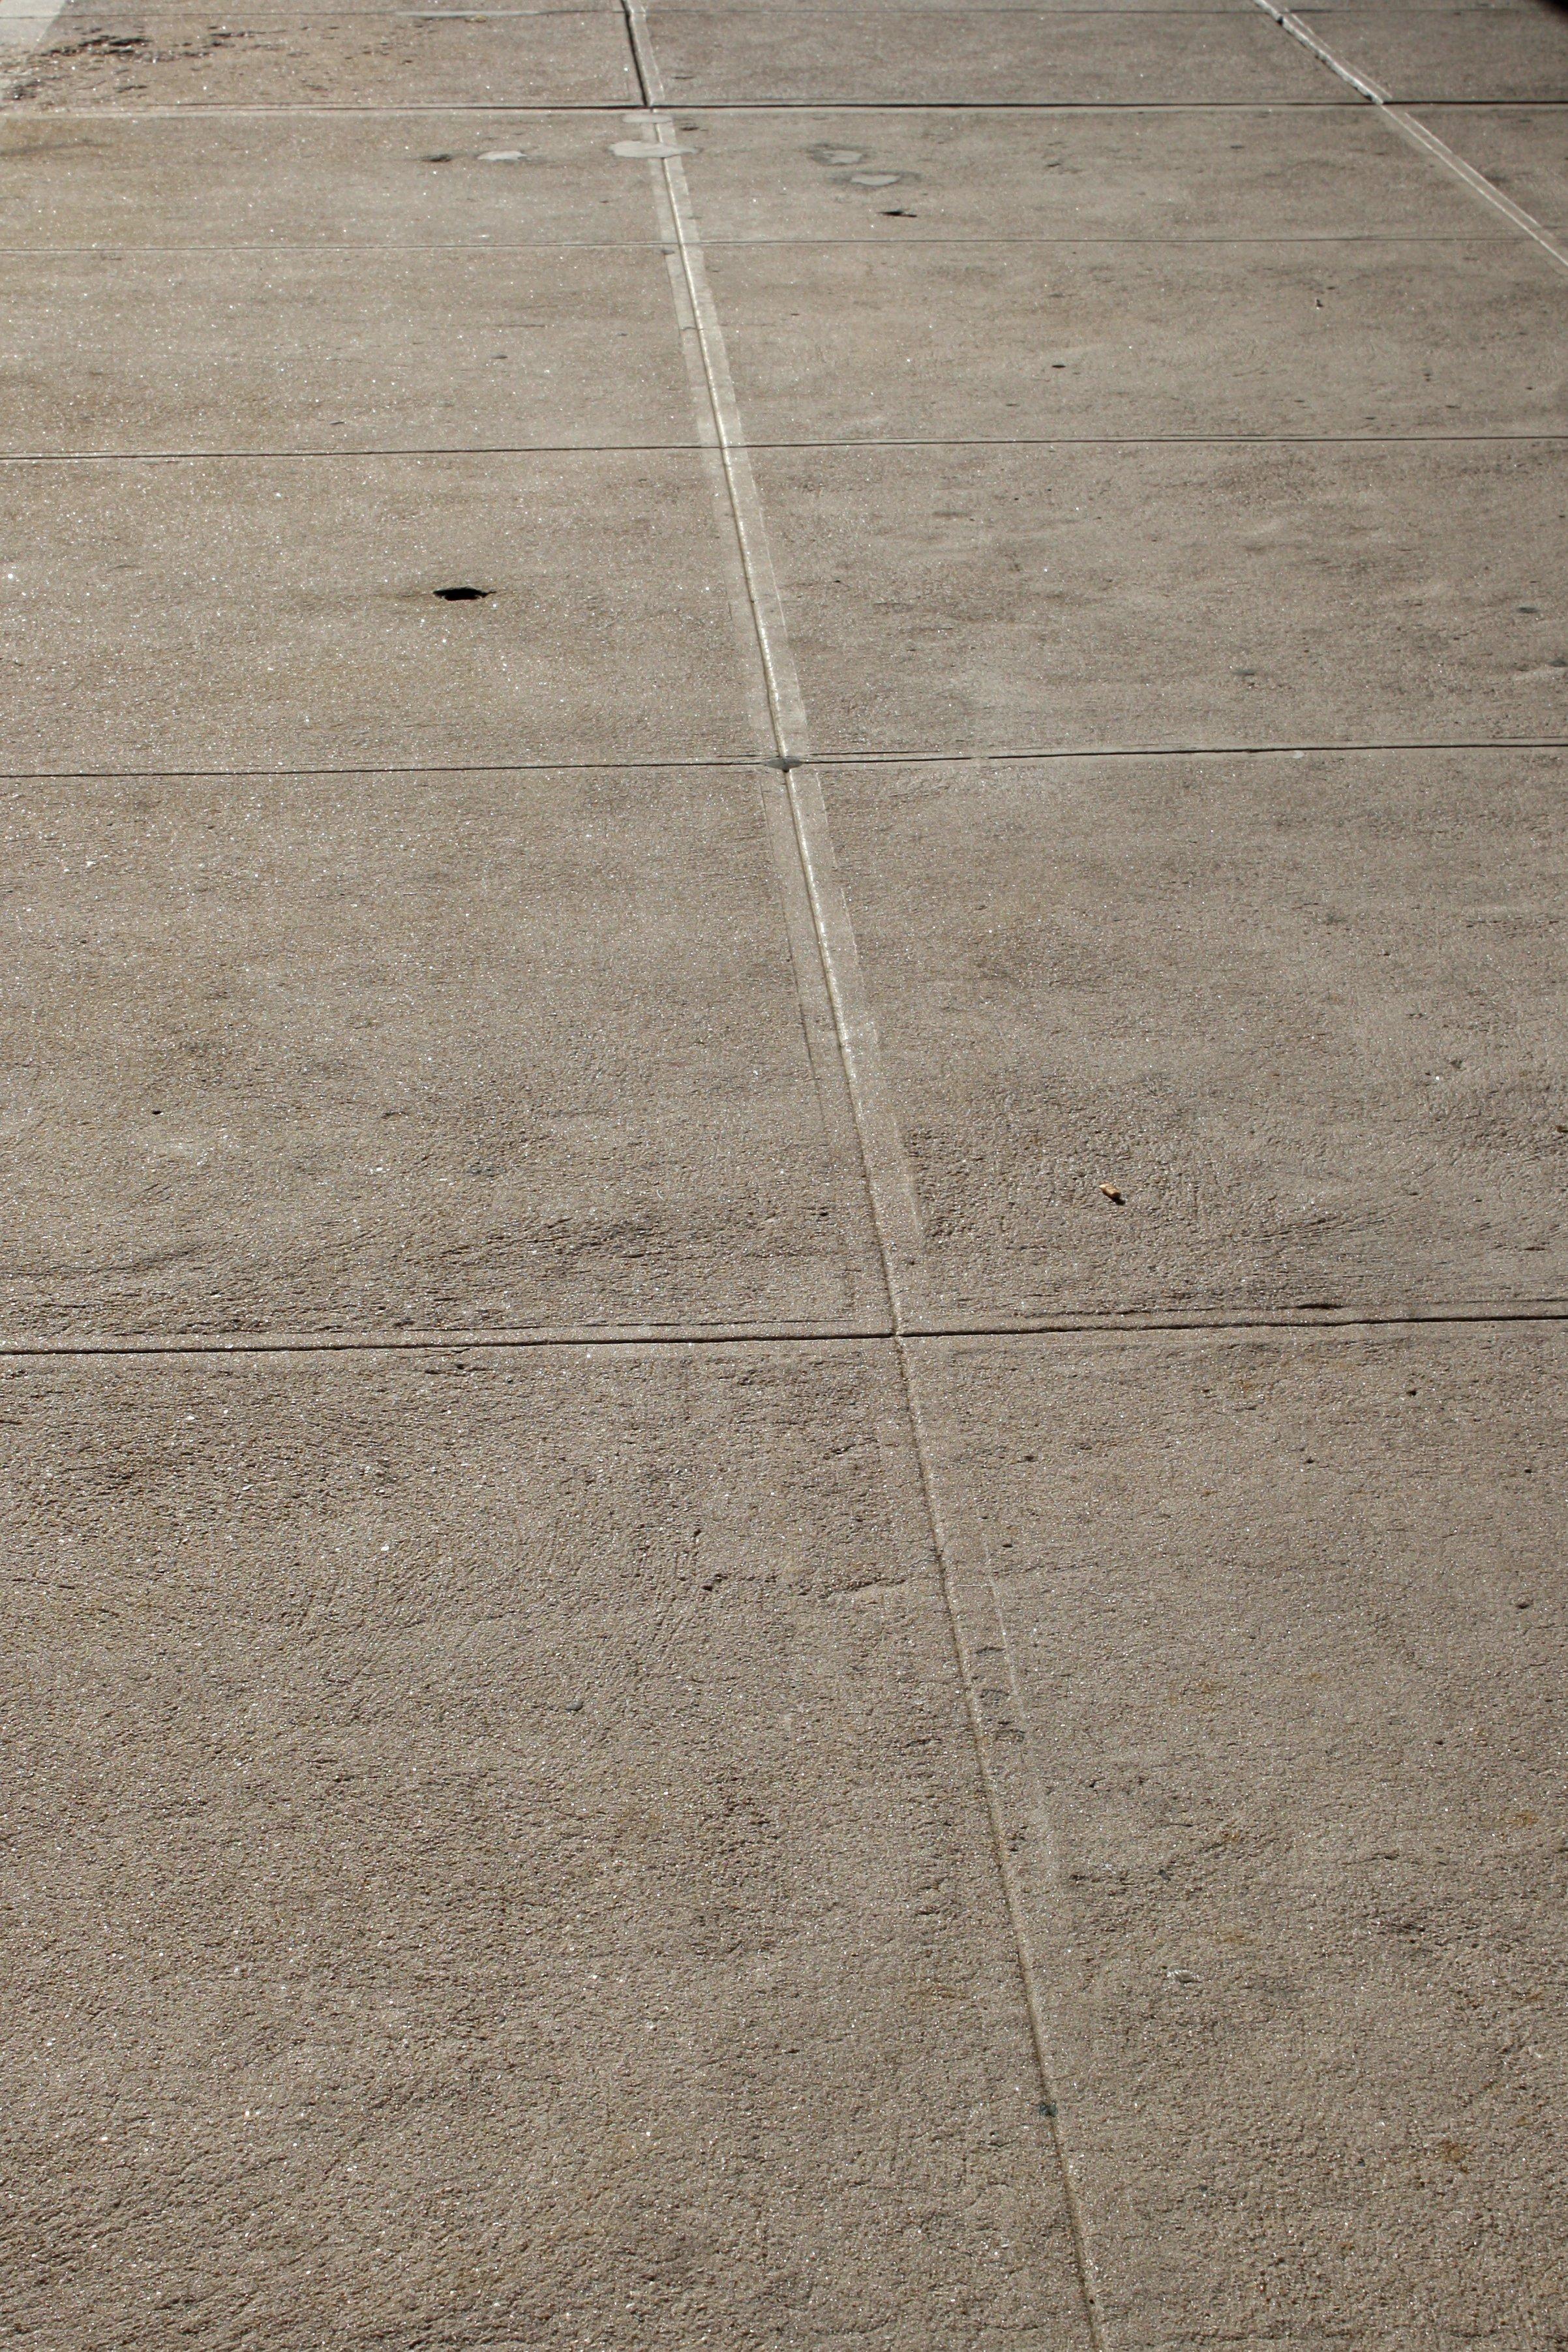 Cement Sidewalk Picture Free Photograph Photos Public